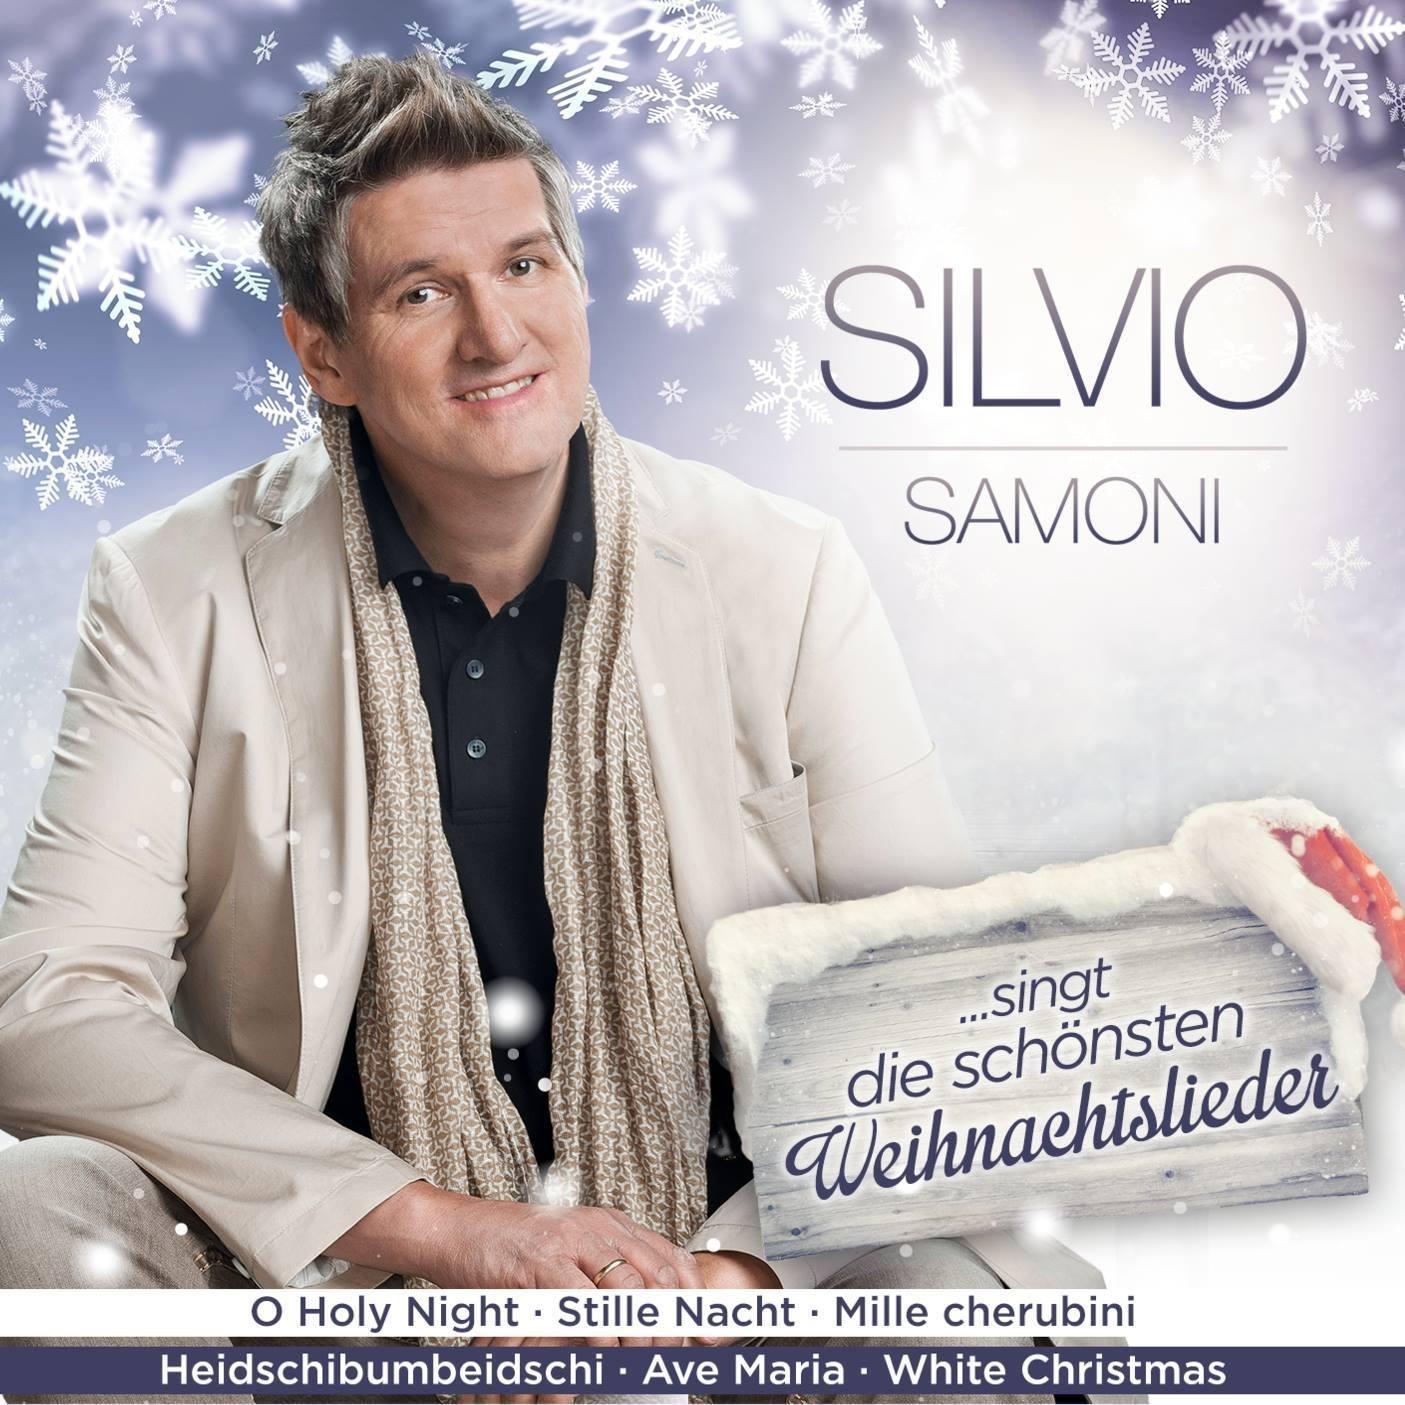 SILVIO SAMONI …singt die schönsten Weihnachtslieder